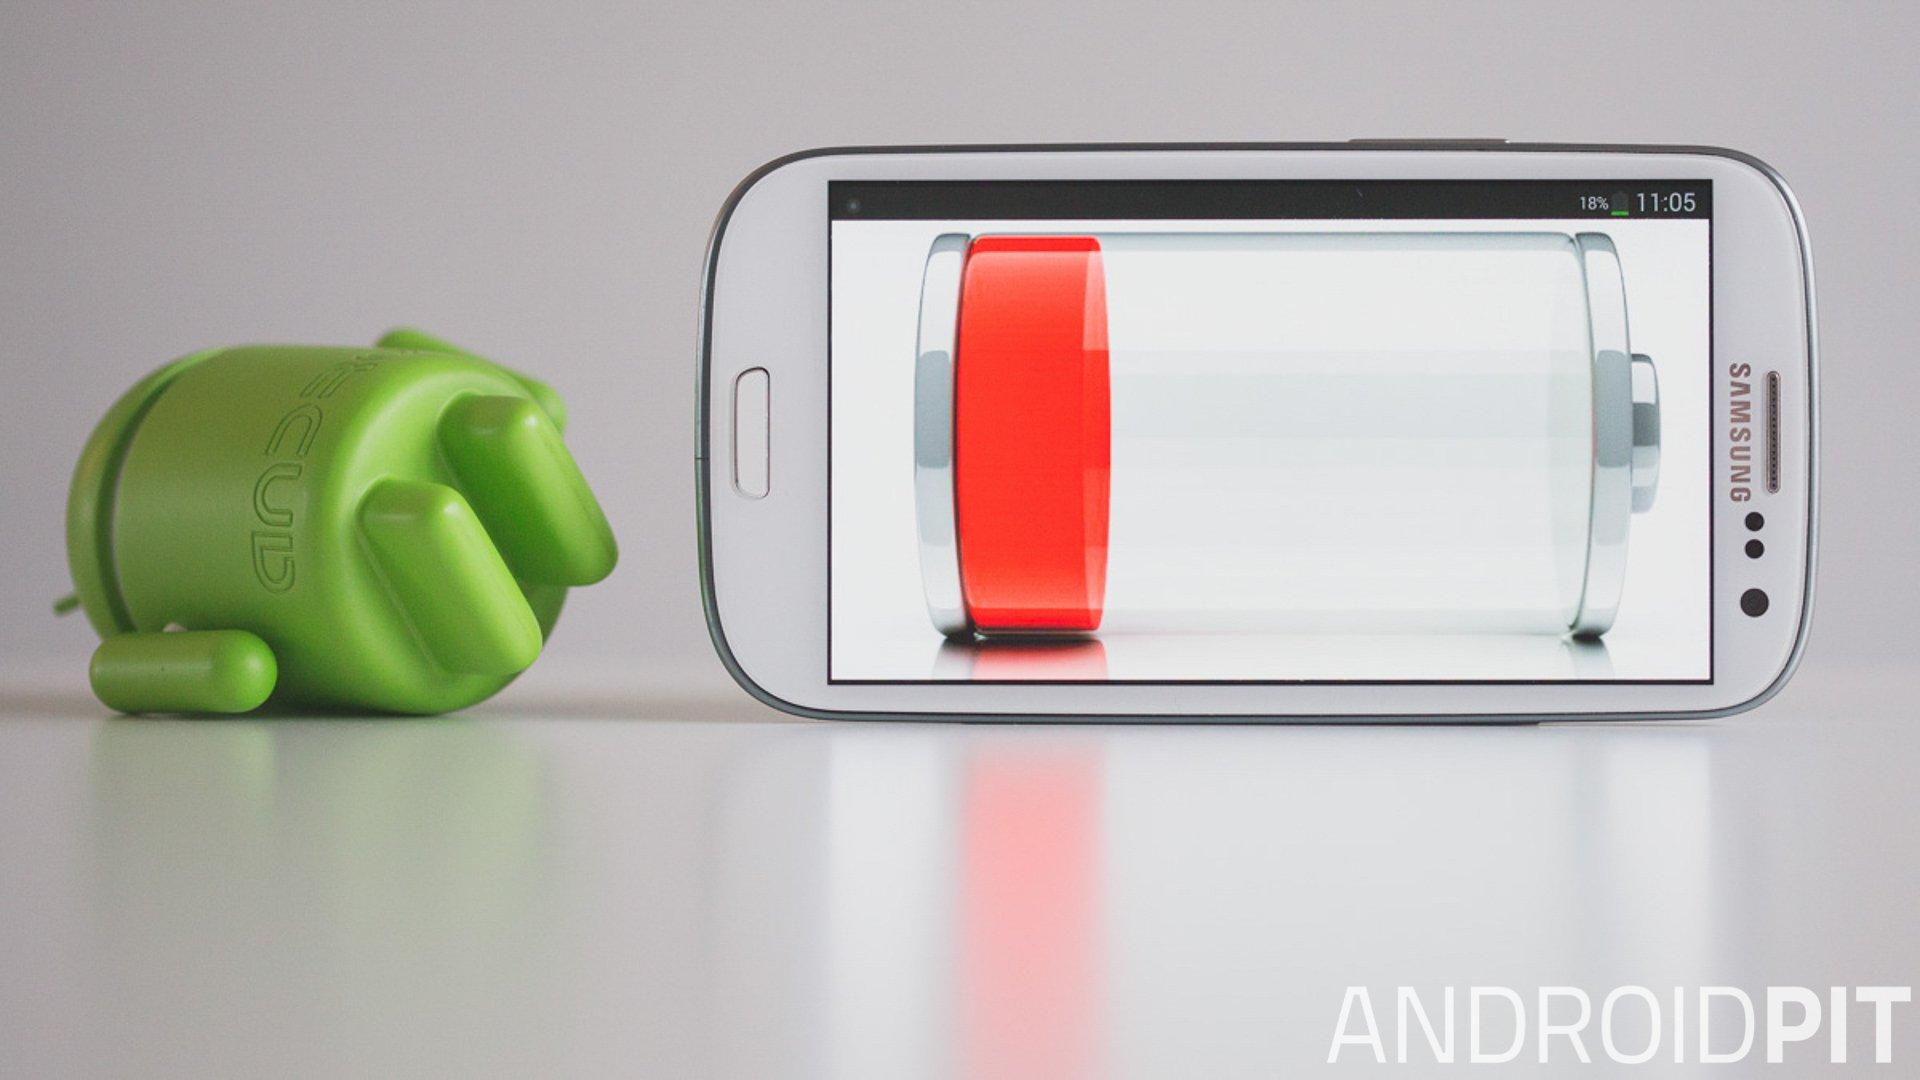 Как сделать калибровку батареи на андроид без рут прав